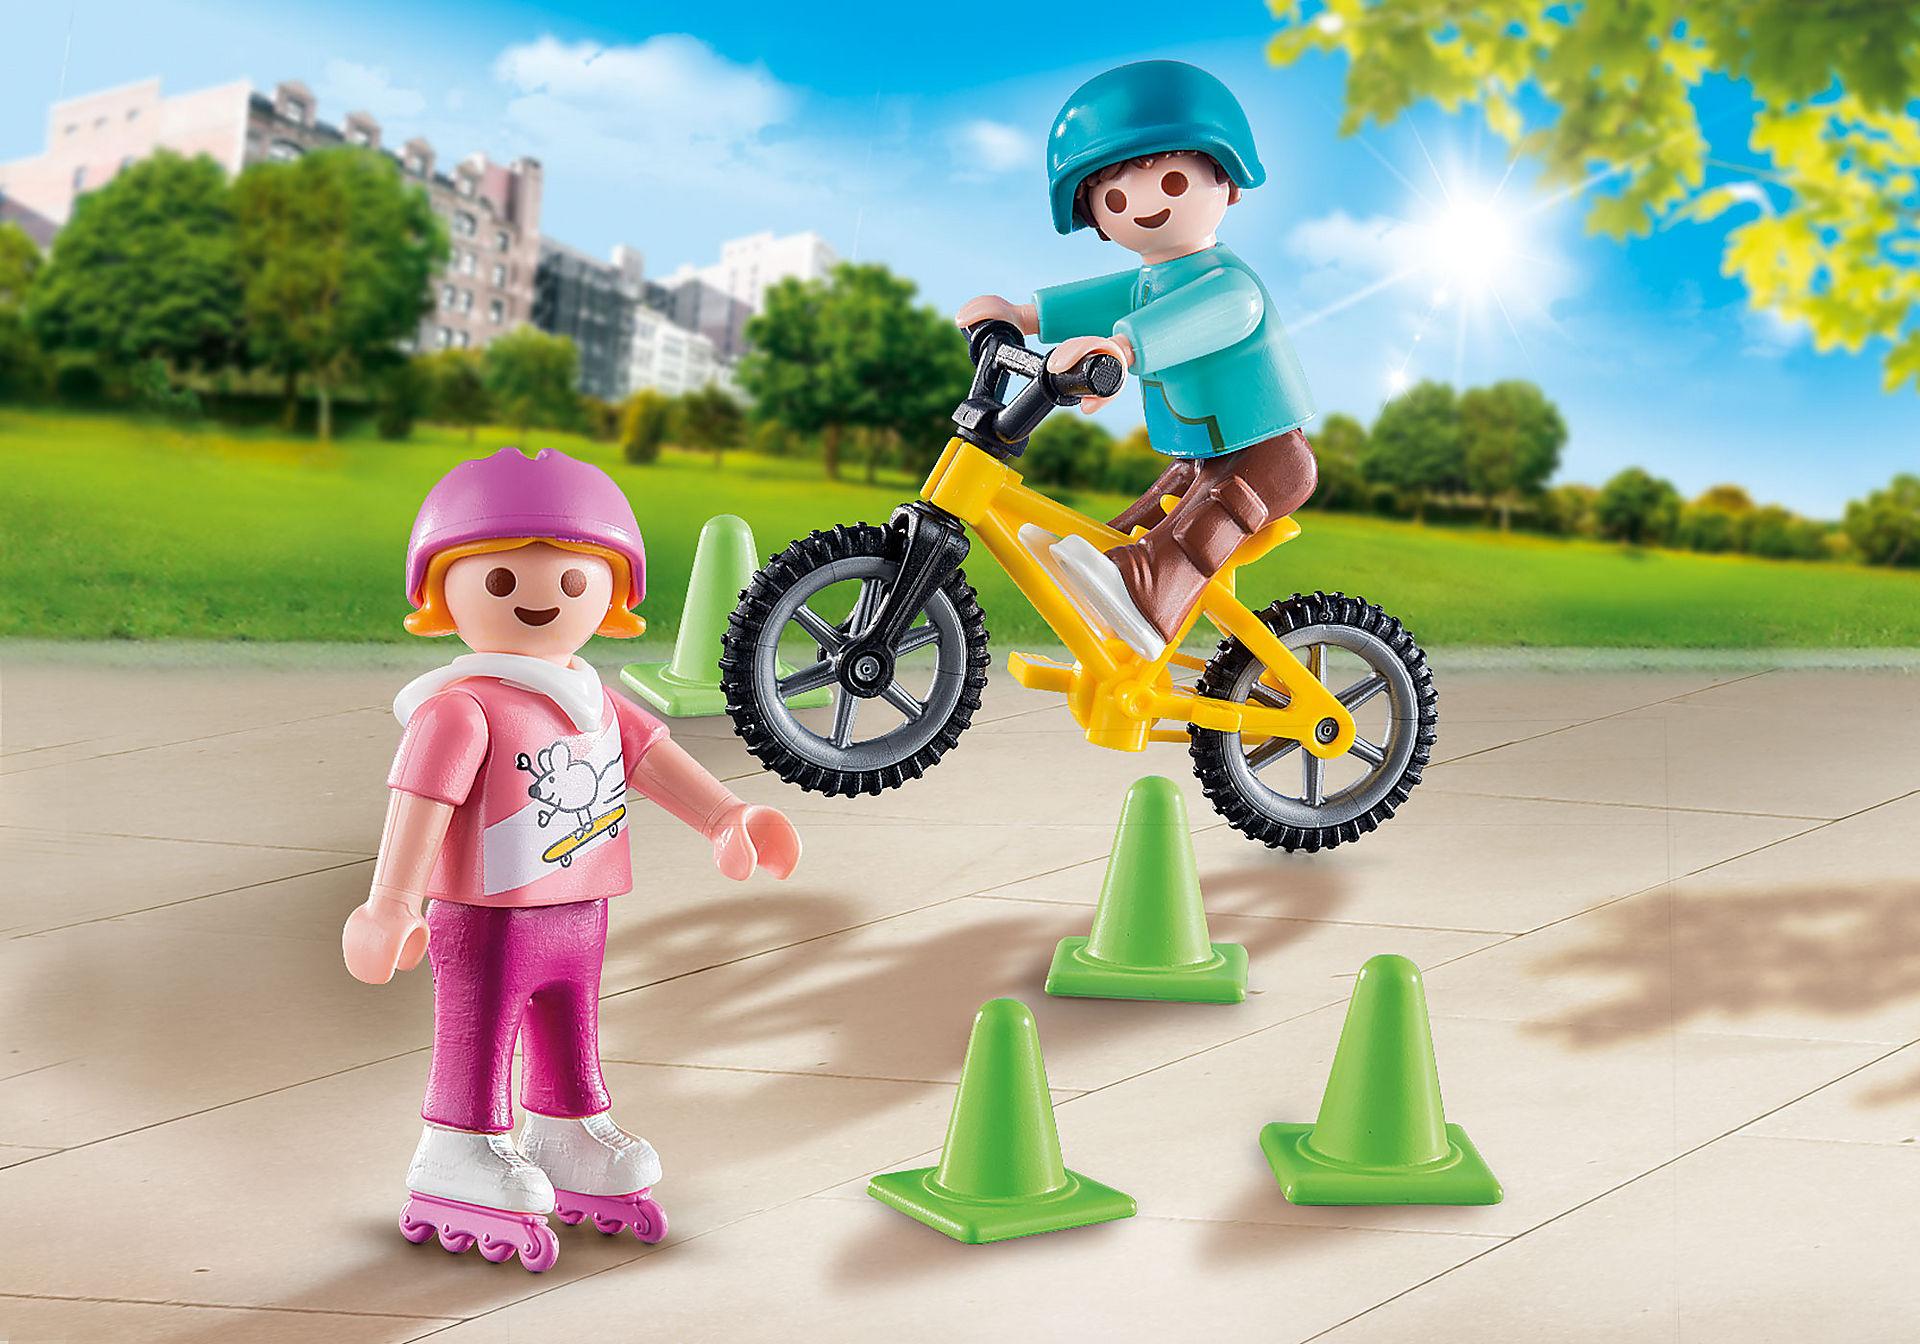 70061 Crianças com Patins e Bicicleta  zoom image1